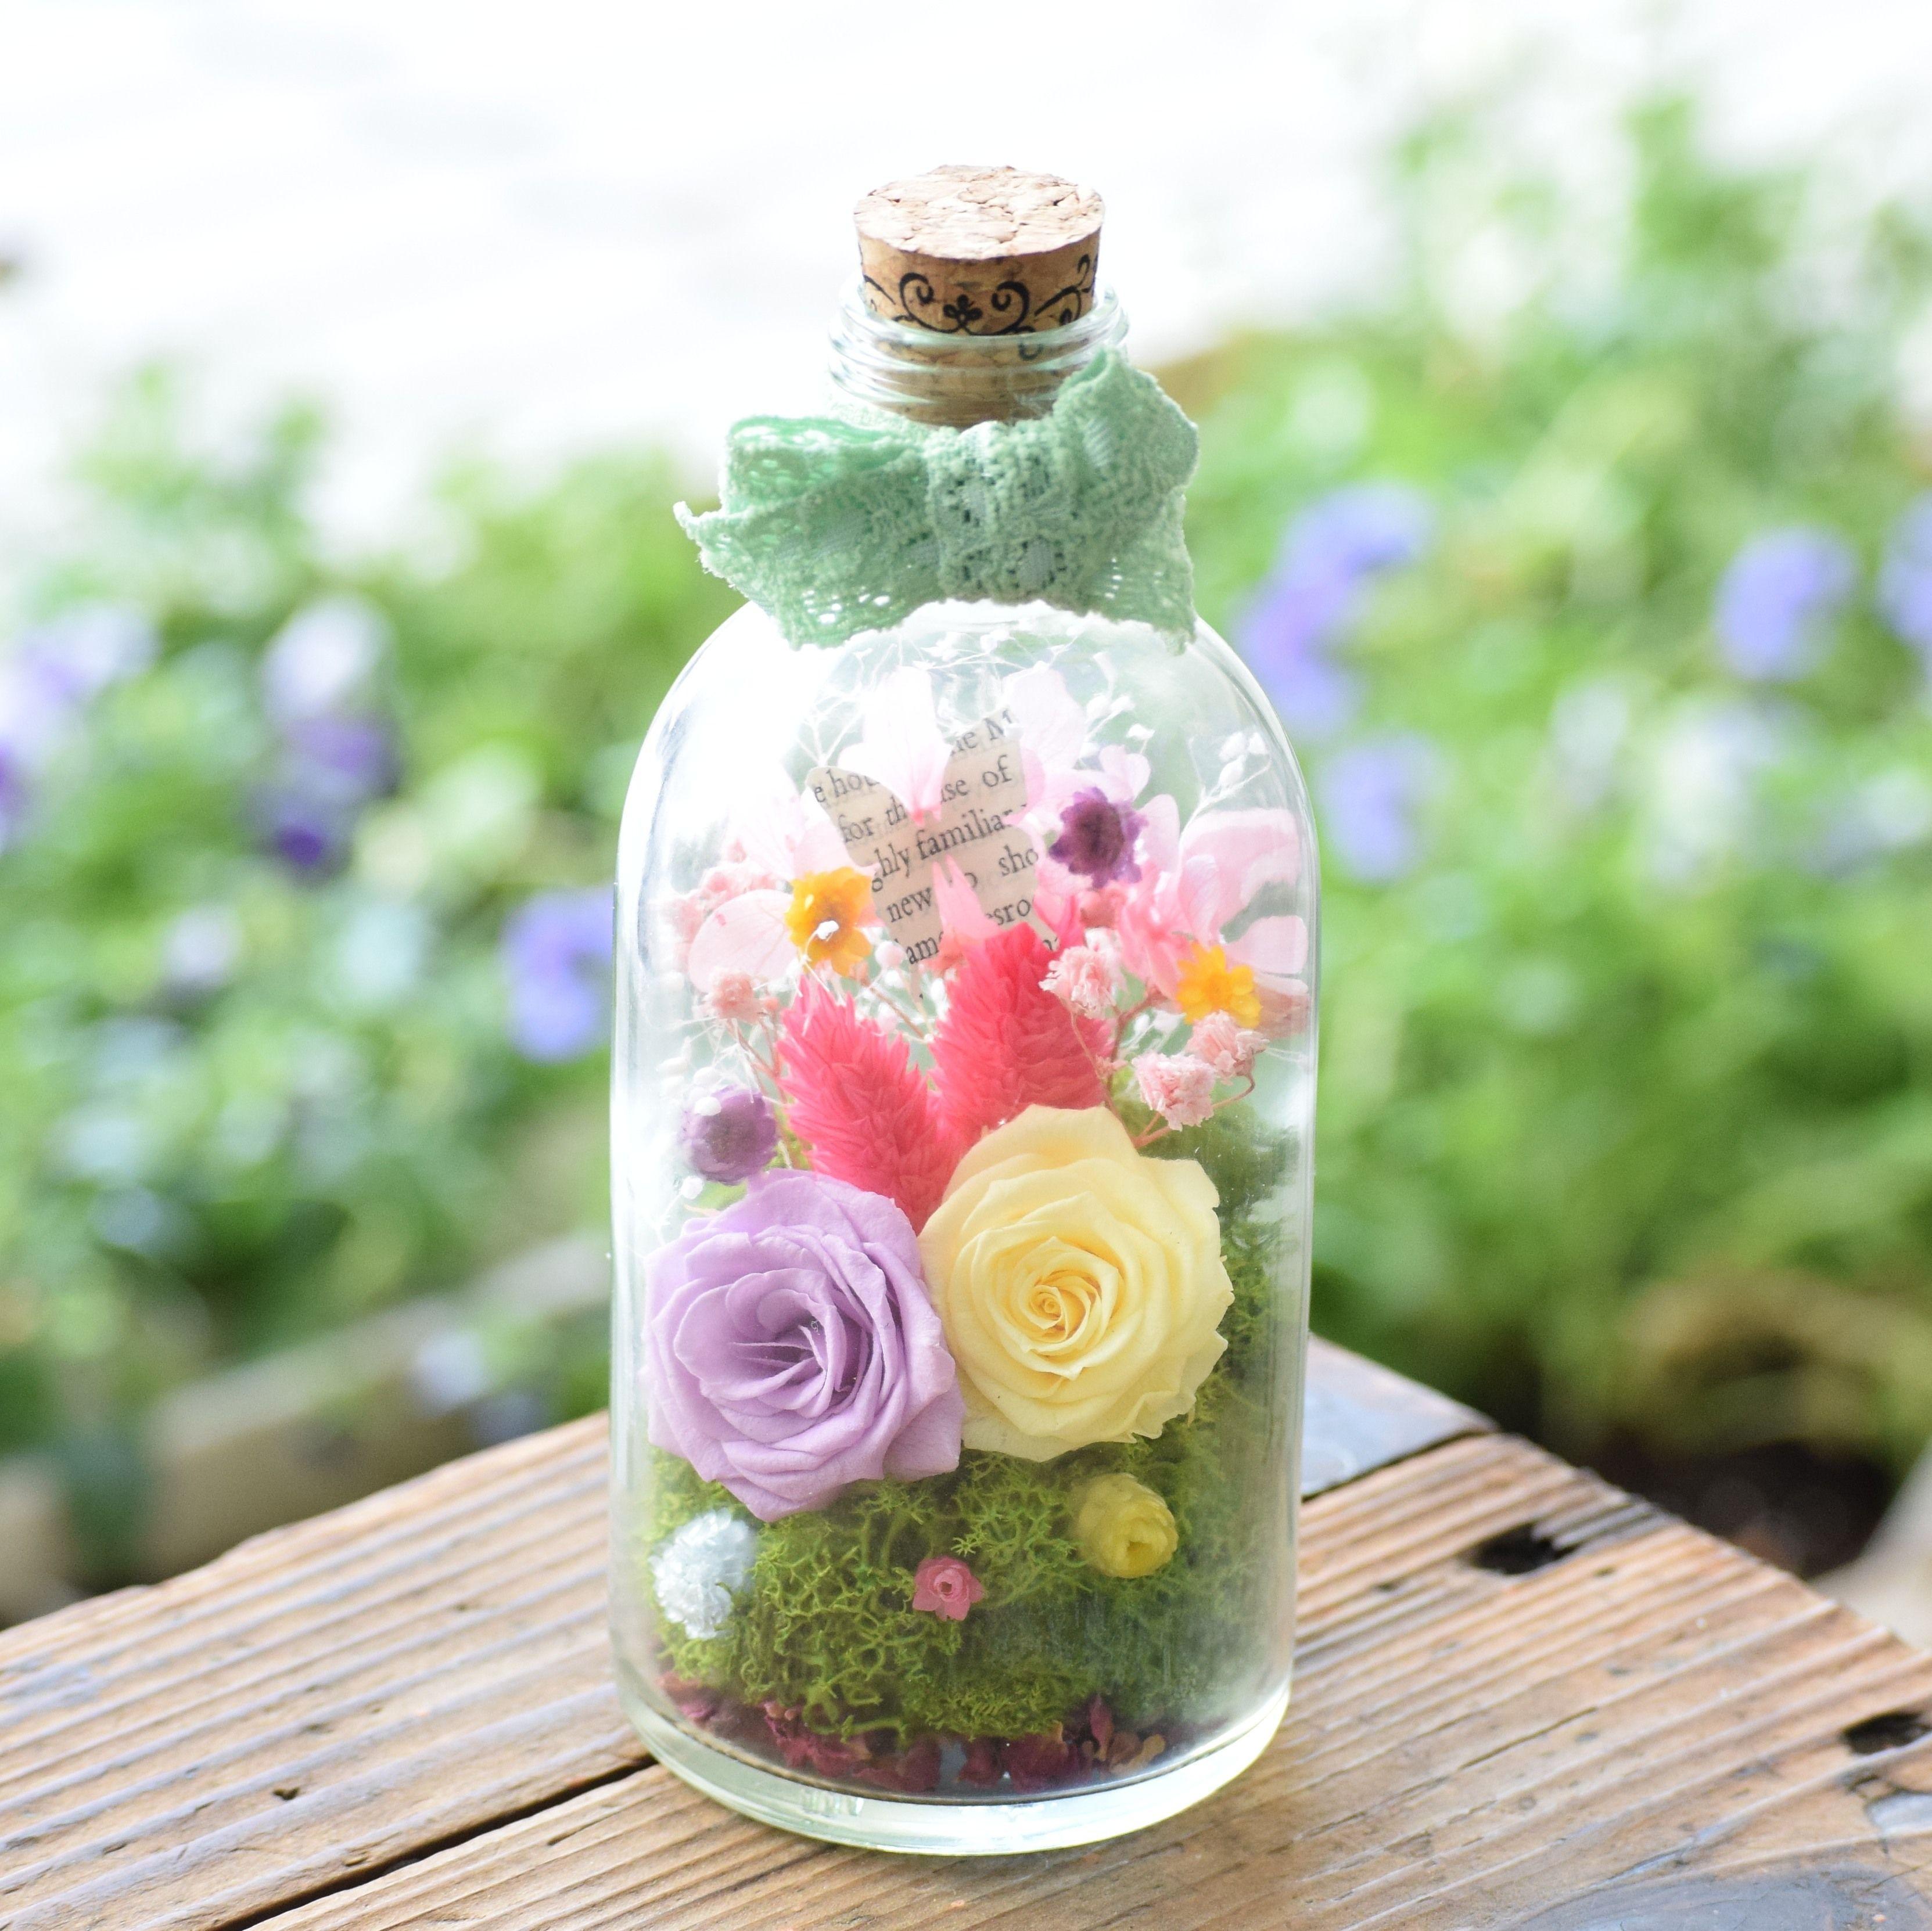 Bottle flower cocorohana Mademoiselle #002